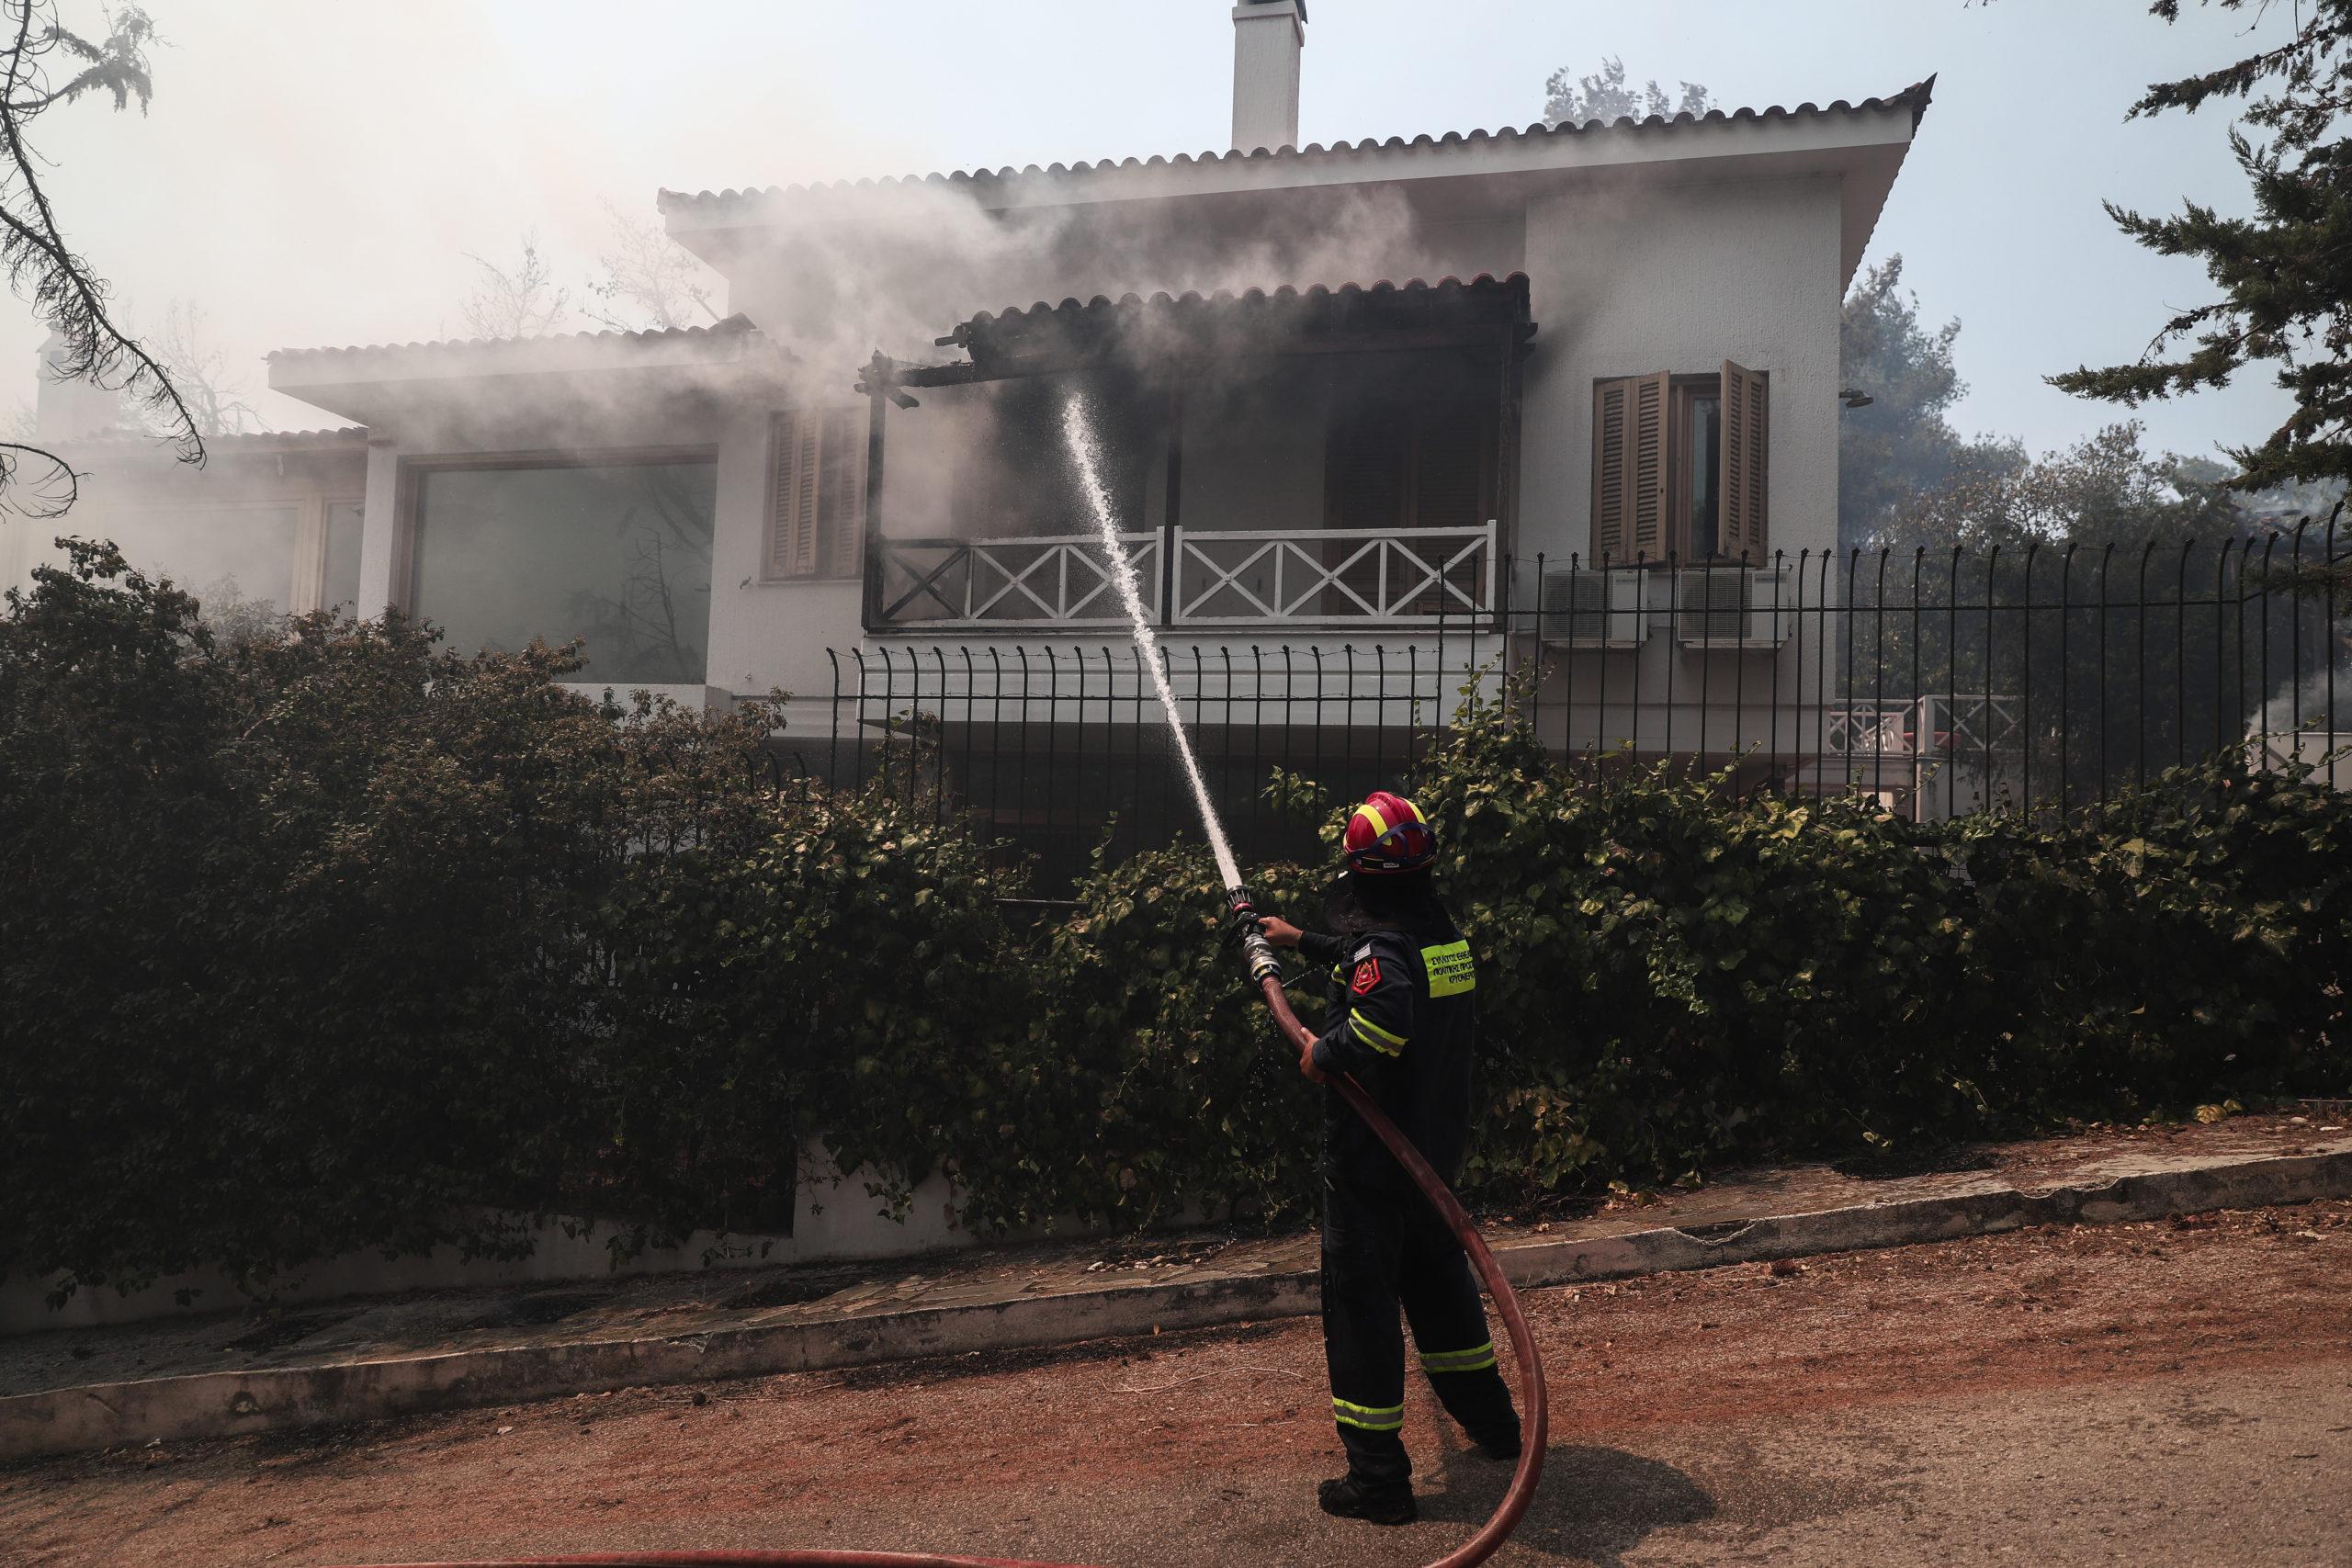 ΒΙΝΤΕΟ – «Πύρινη κόλαση» στον Διόνυσο: Οι φλόγες στις αυλές των σπιτιών του οικισμού Γαλήνη